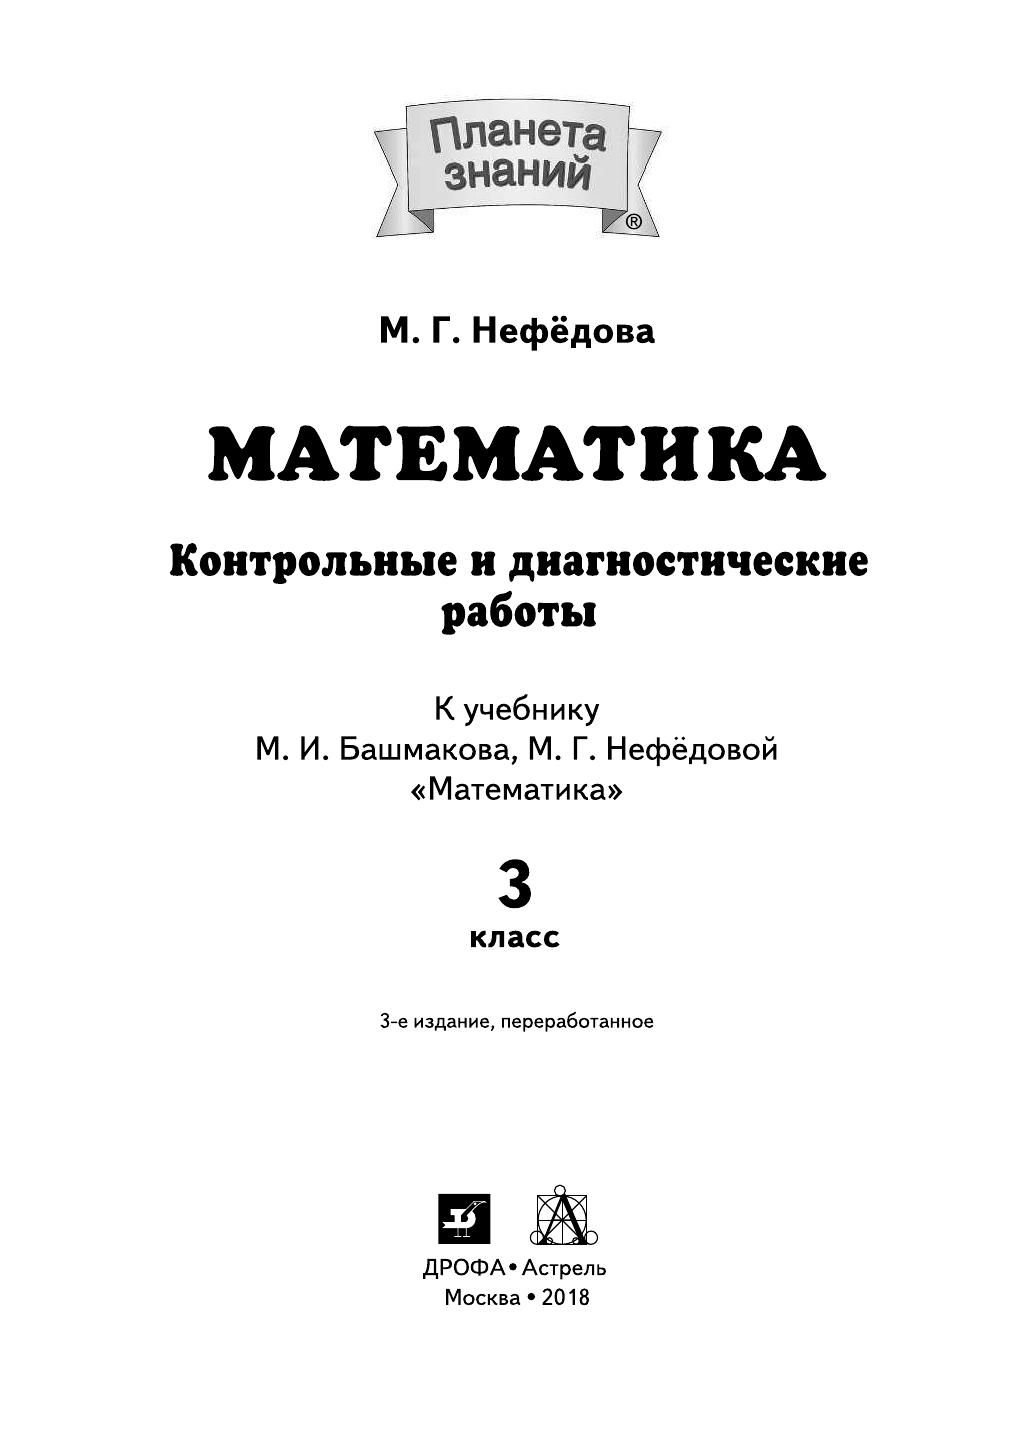 работы 3 математика класс и диагностические решебник м.г. контрольные нефедова